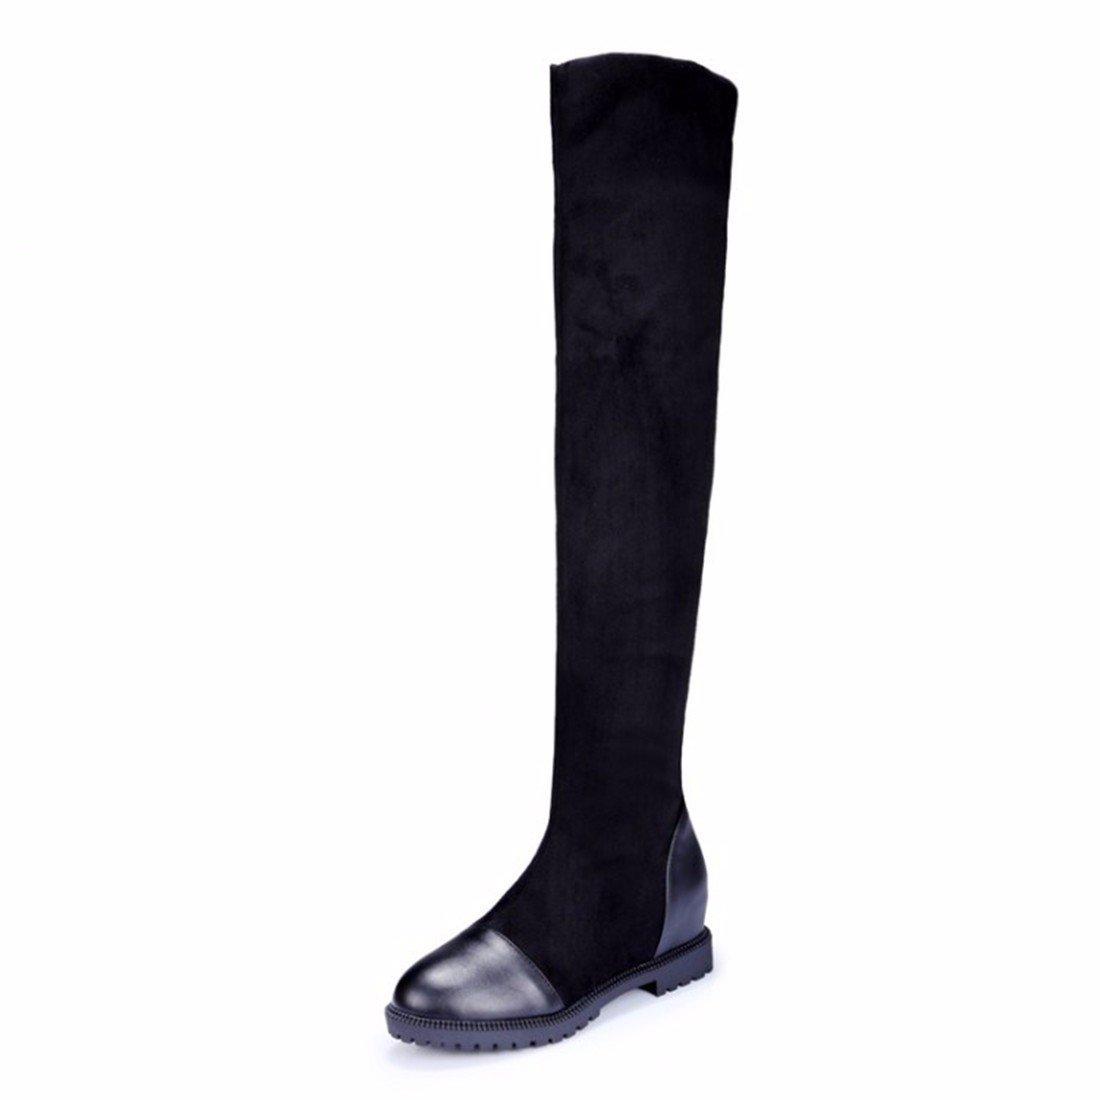 RFF-Woherren schuhe Europa Slim Overknee Stiefel schwarz Leder Ferse Größe elastische warme Stiefel